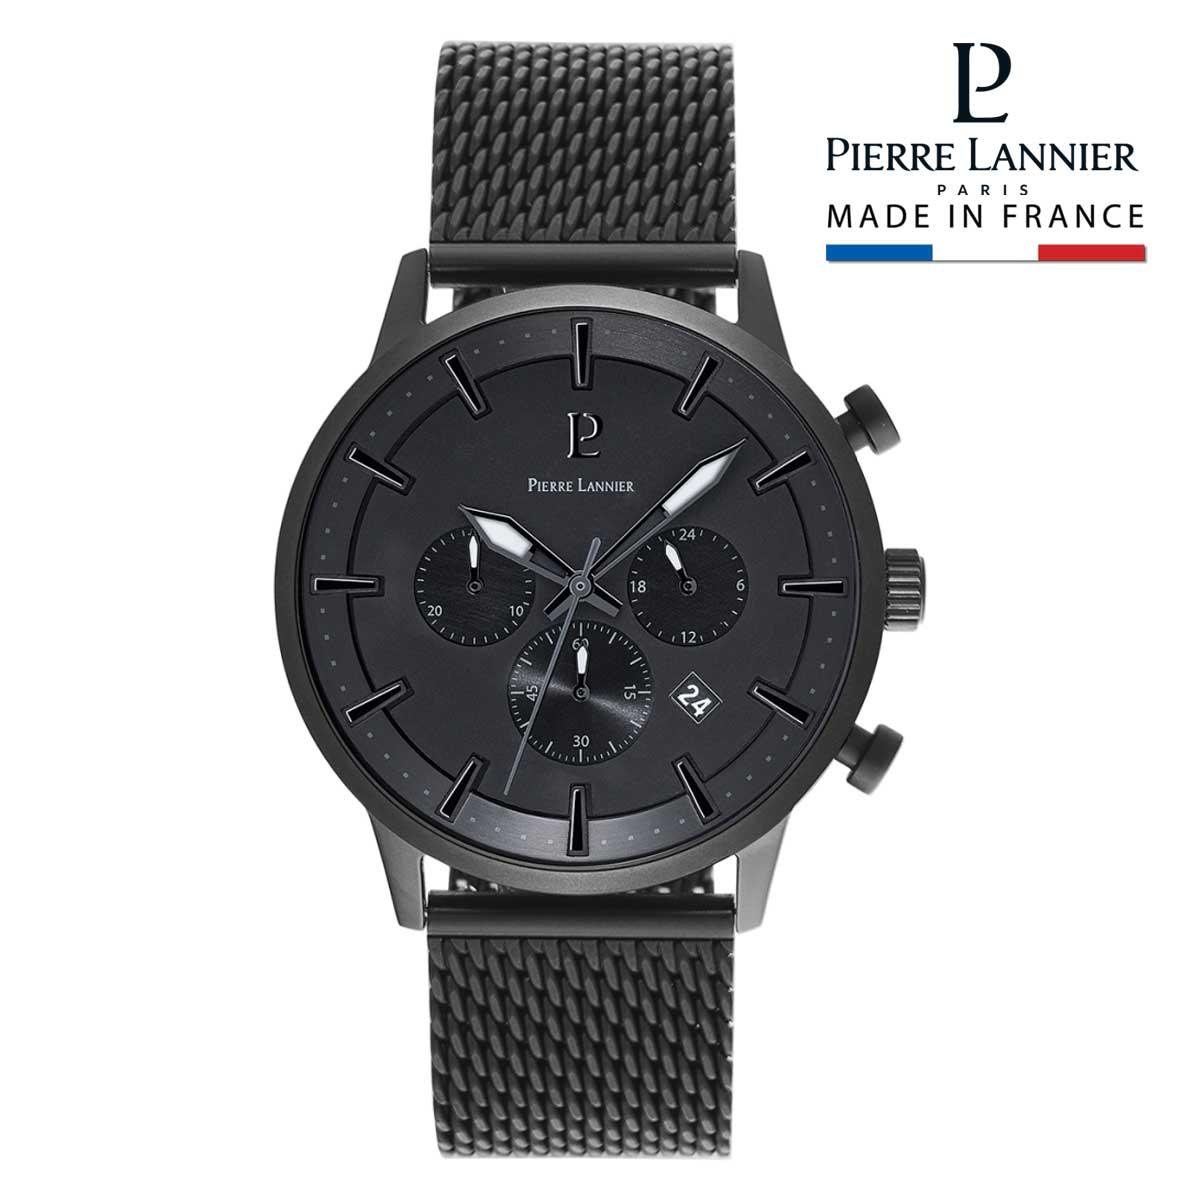 腕時計 メンズ ブランド ピエールラニエ クロノグラフ メッシュベルト ブラック